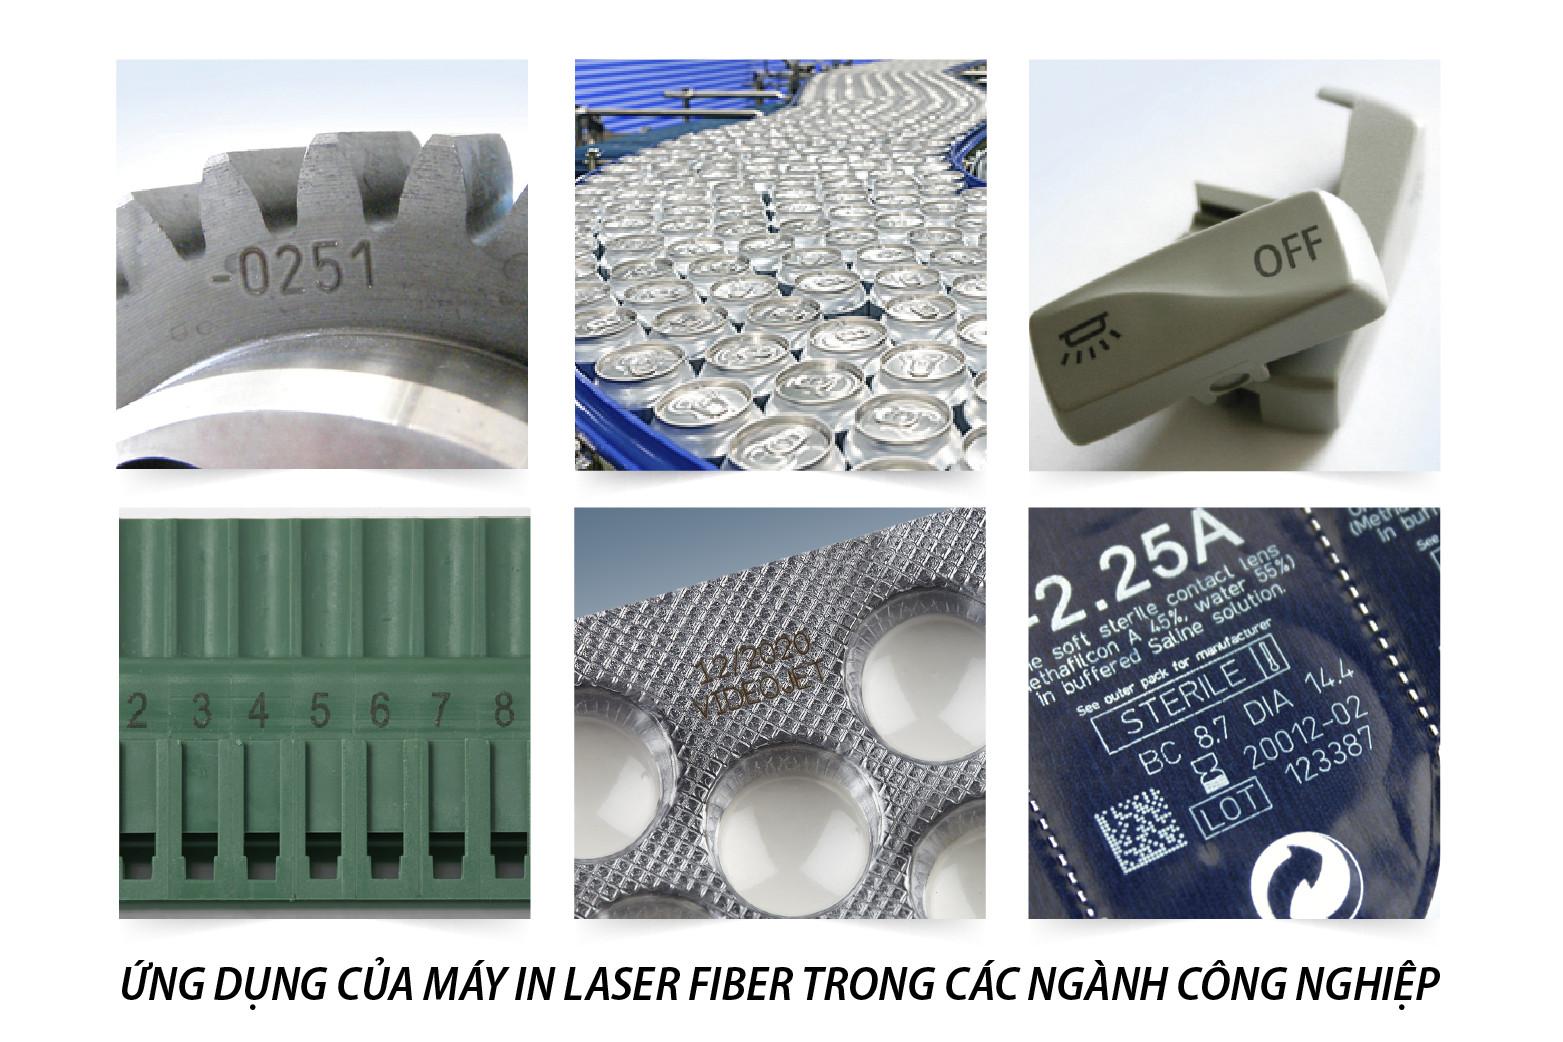 ung-dung-in-laser-fiber